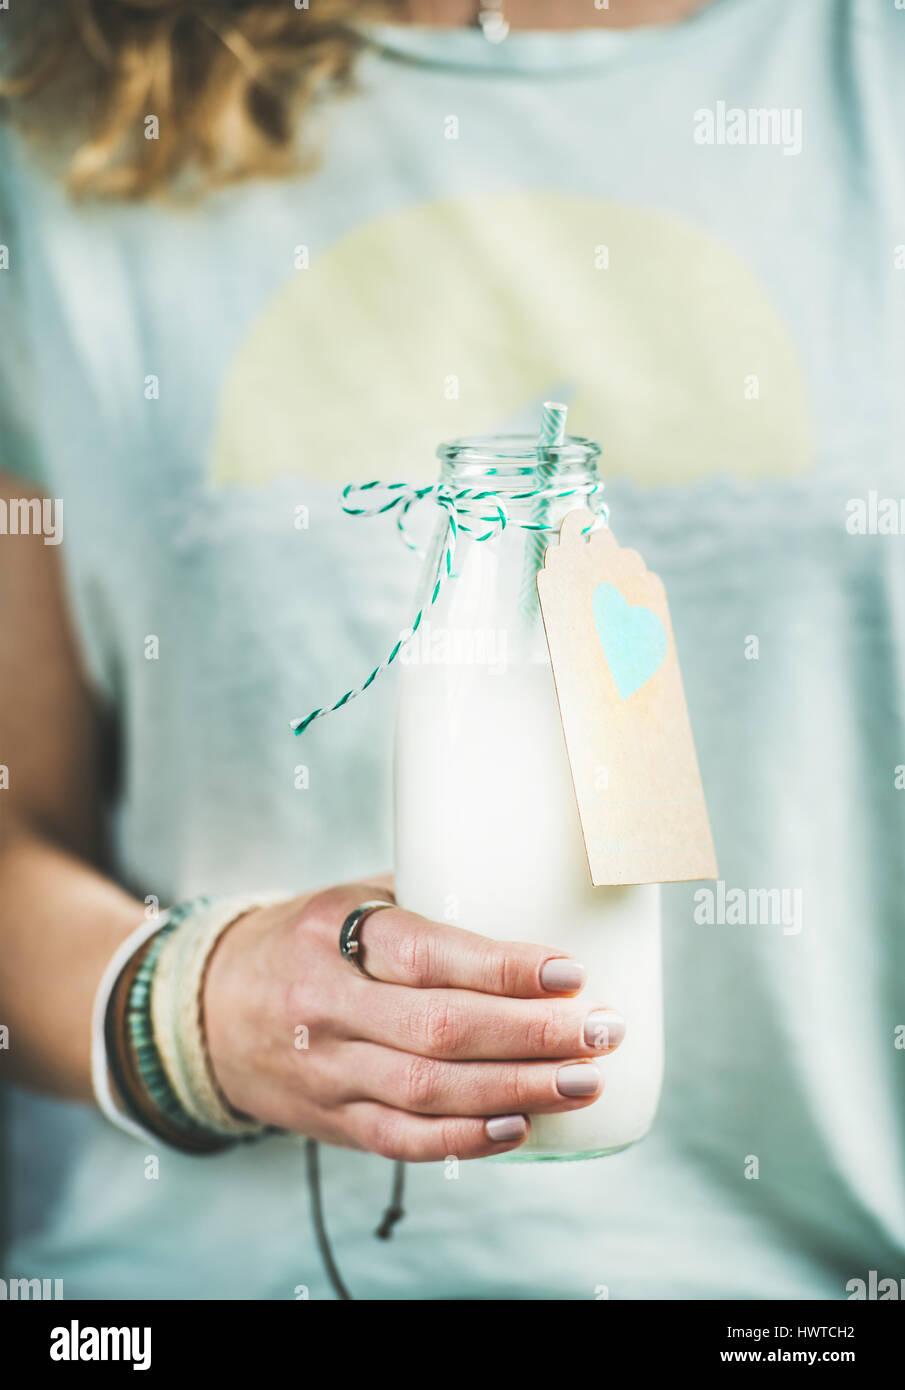 Mujer joven sosteniendo una botella de leche de almendras sin lácteos Imagen De Stock